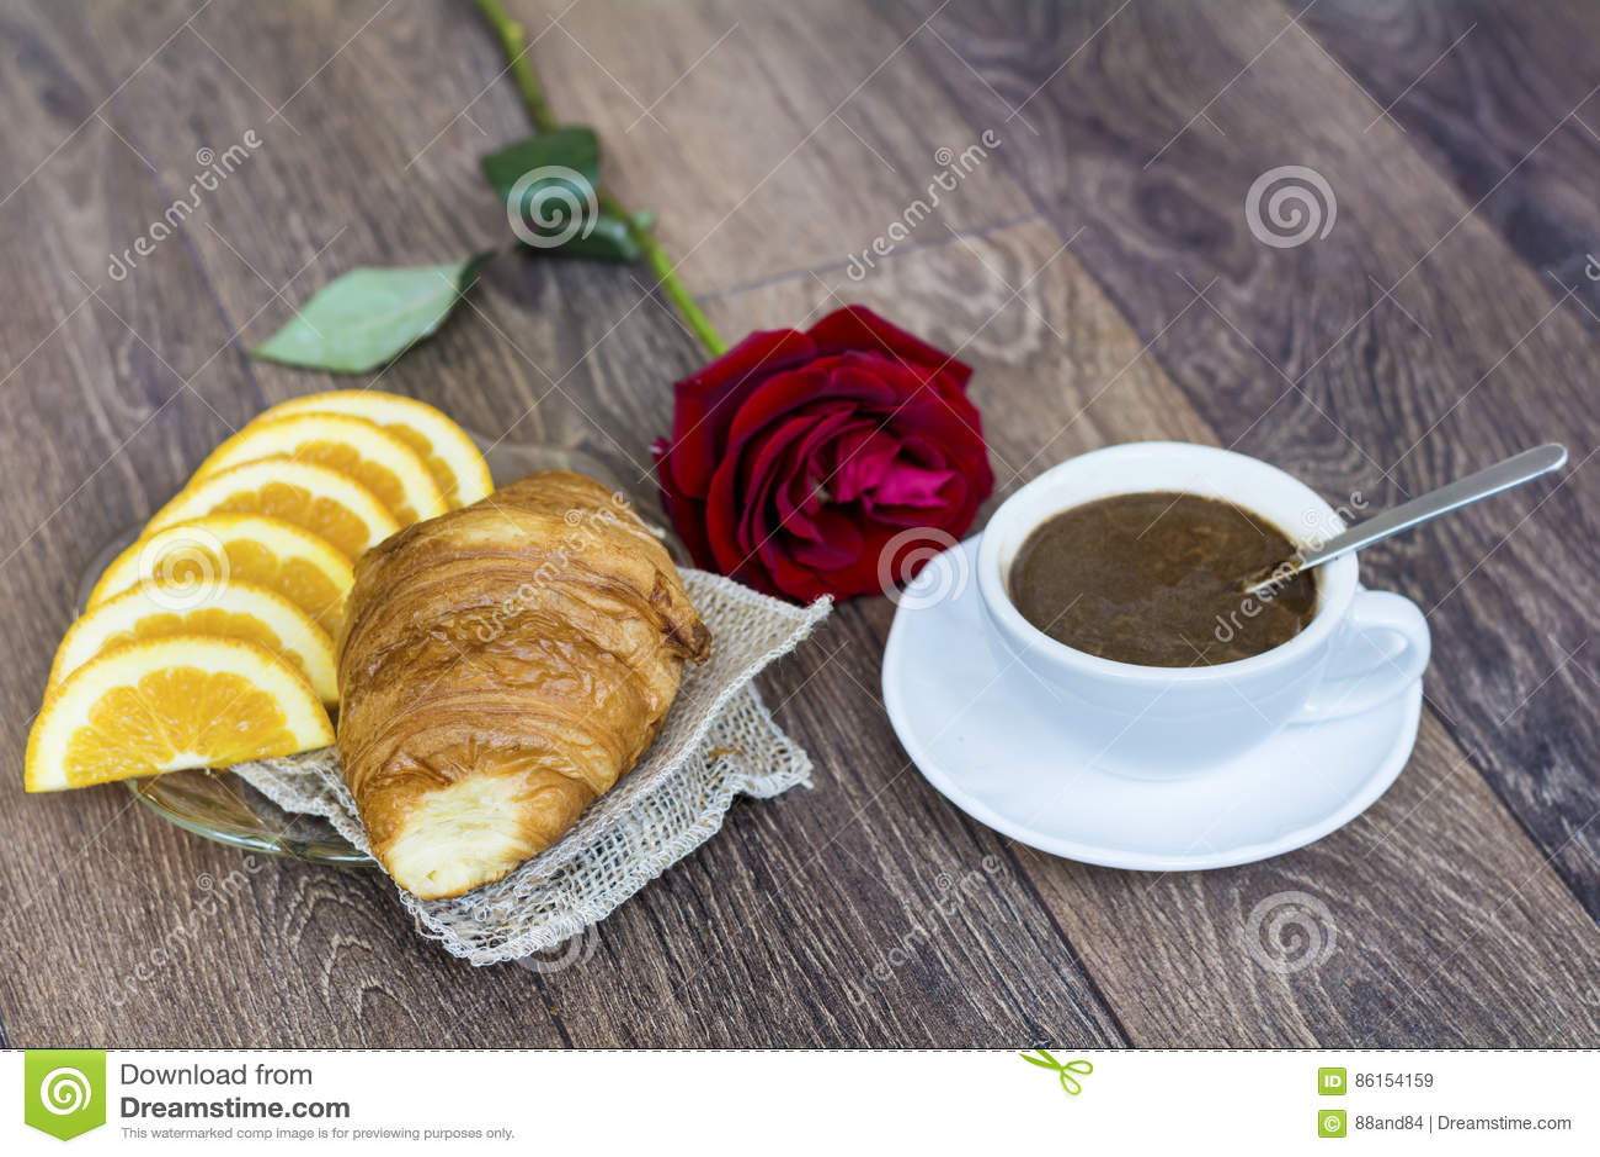 CaféRose Avec Croissants Du Pour BeurreTasse Orange Le De Et 0Pk8nwO